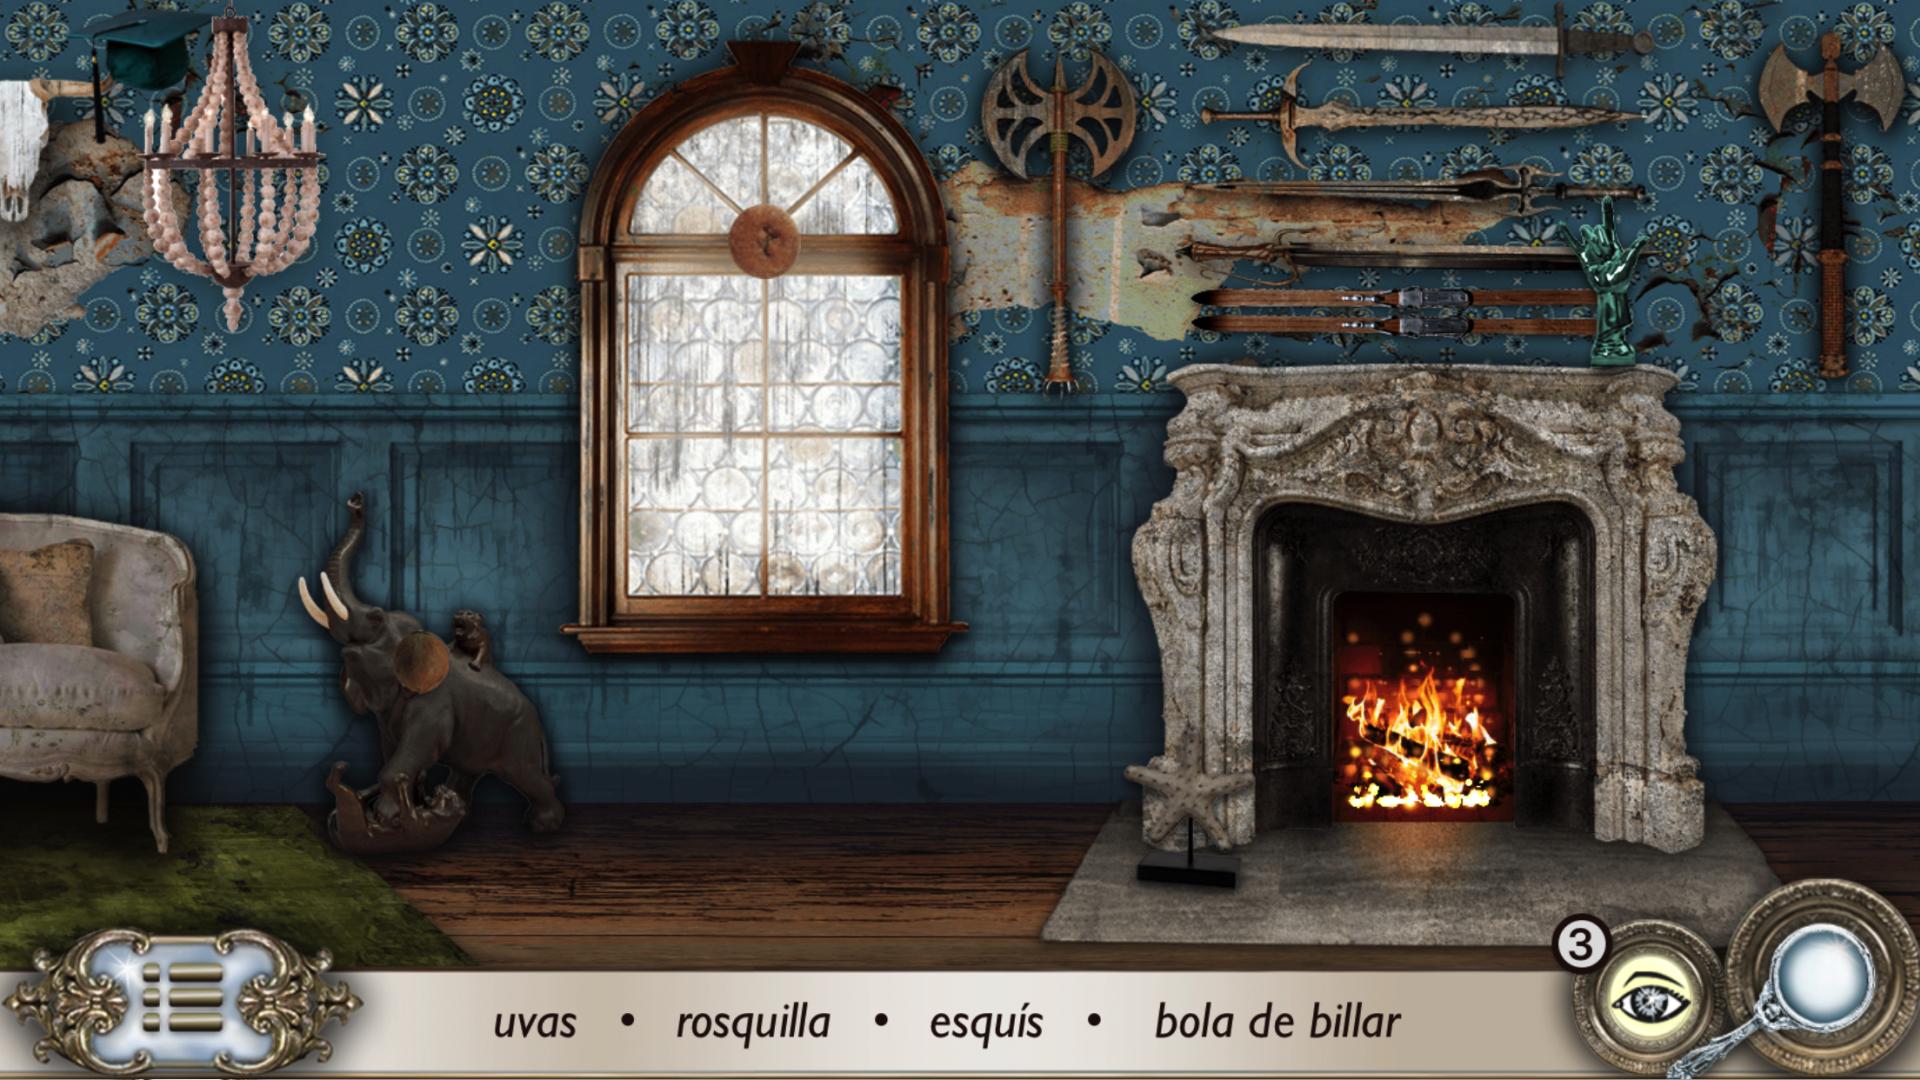 Objetos Ocultos - La bella y la bestia . Buscar Objetos